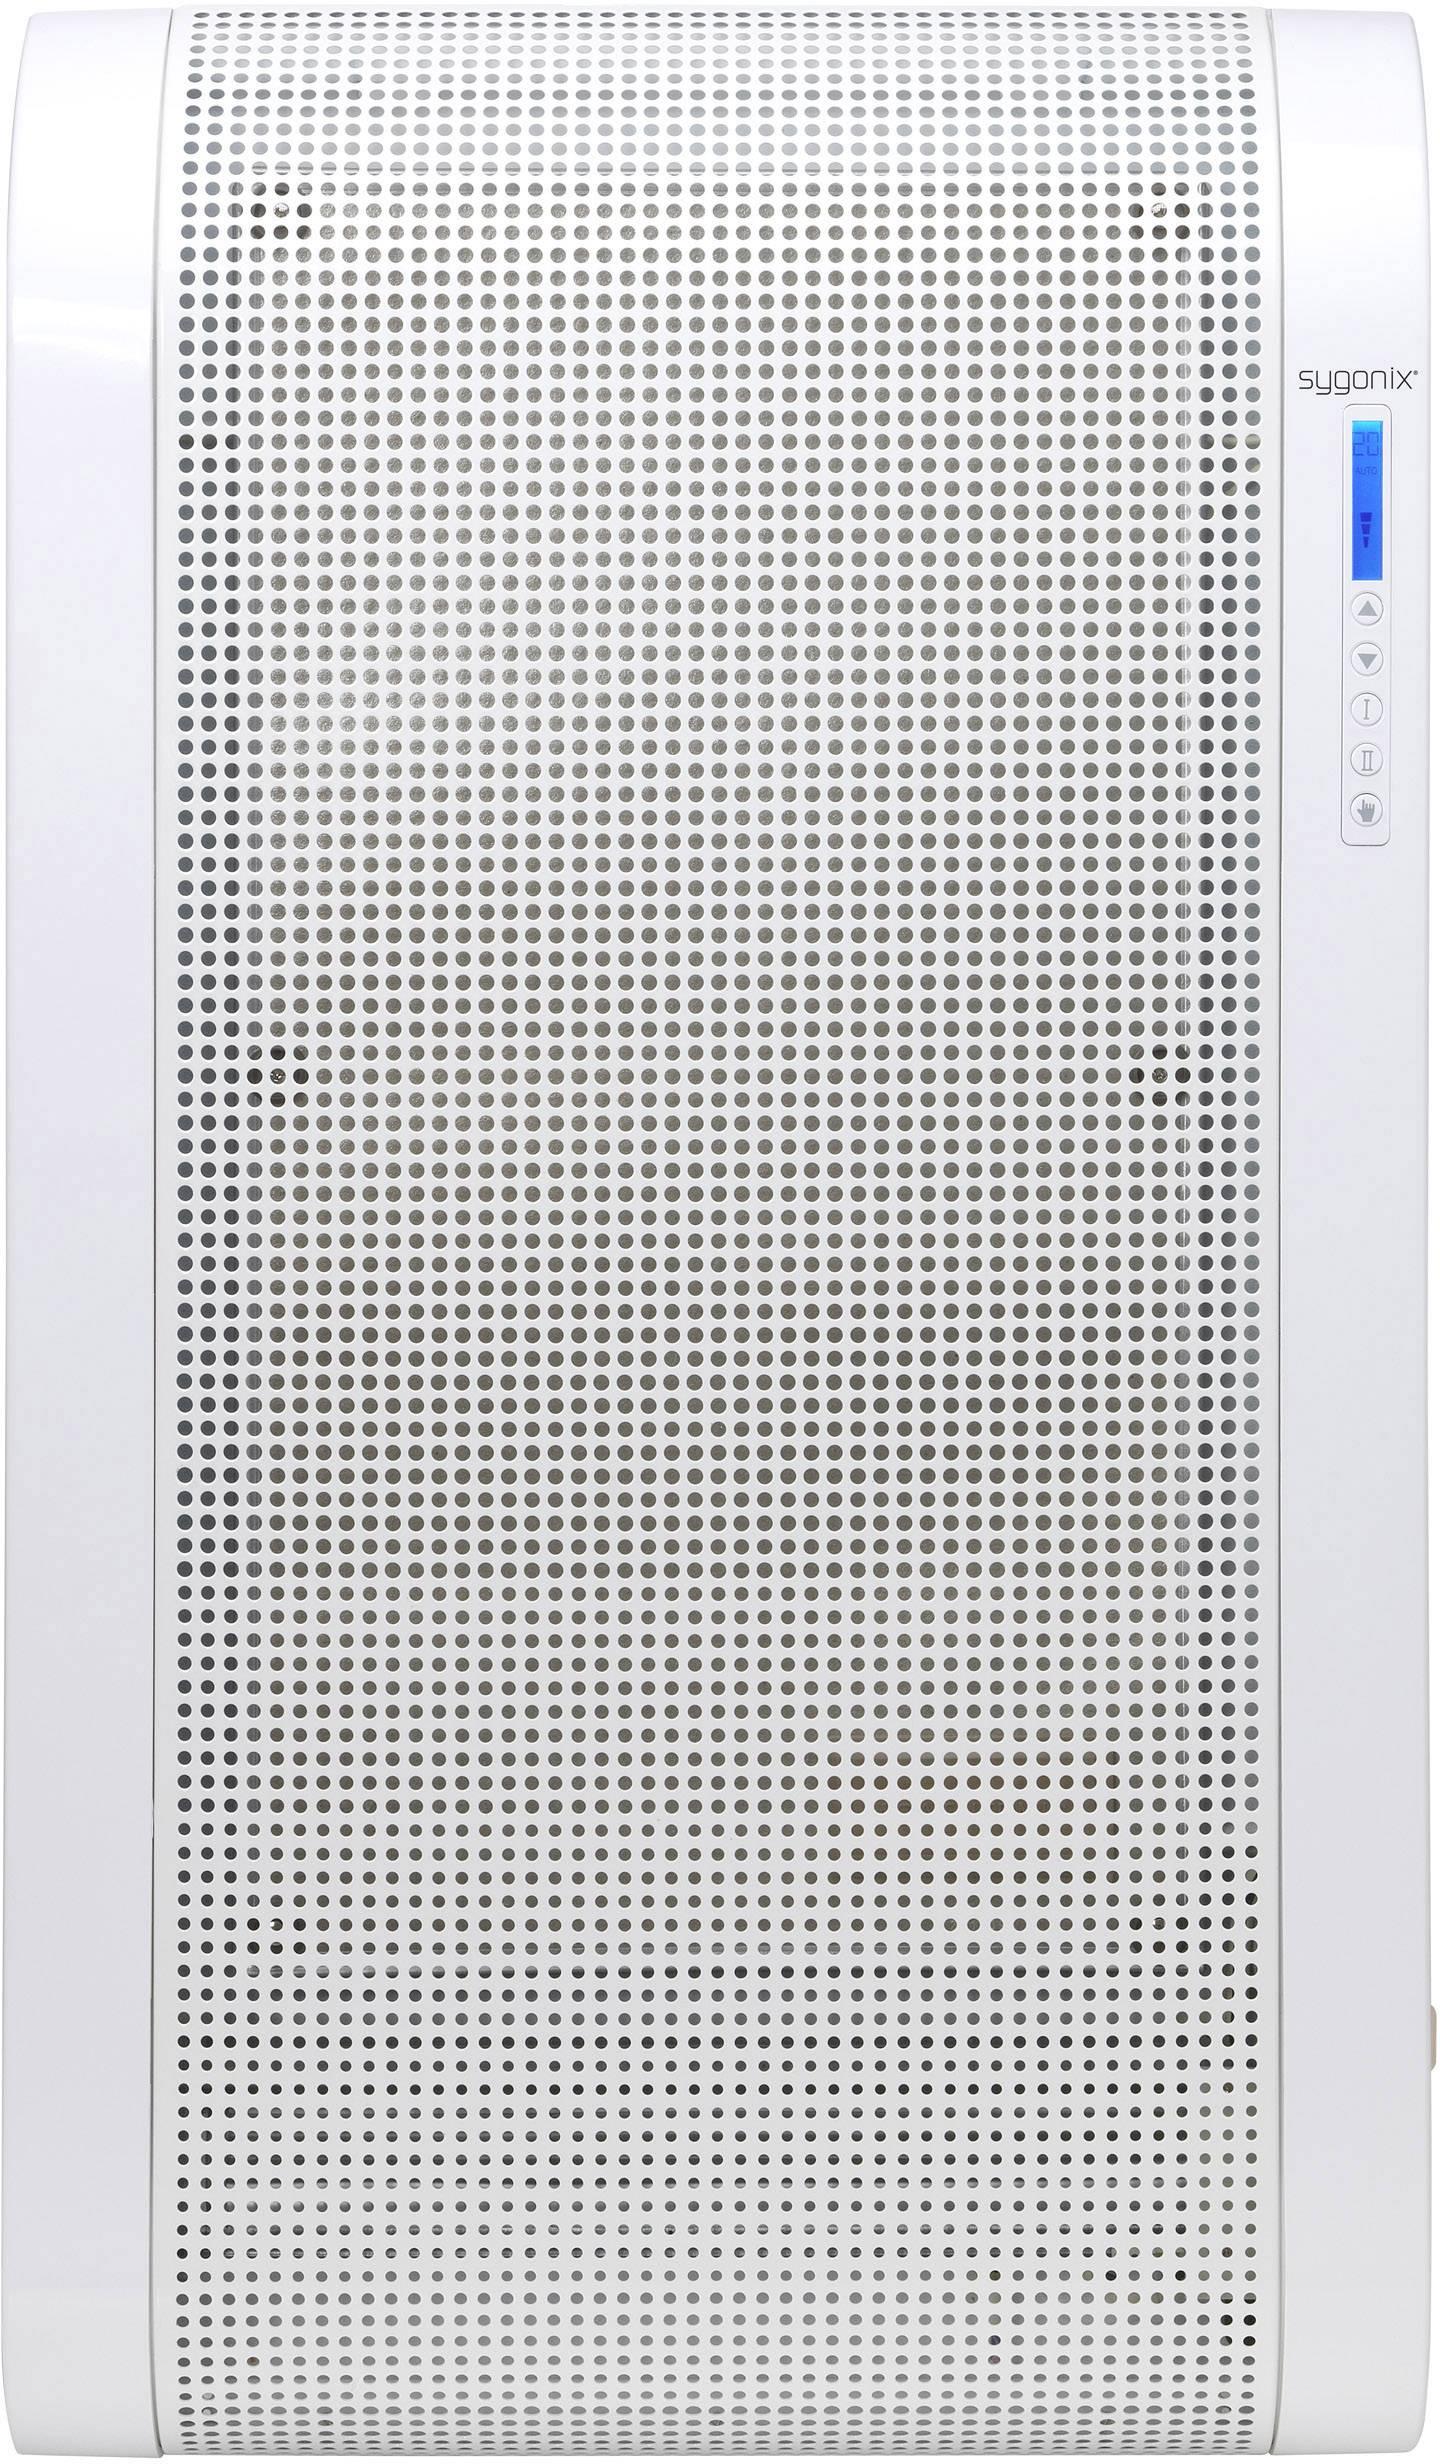 Nástenné infračervené kúrenie Sygonix FV1115, 20 m², 1500 W, biela